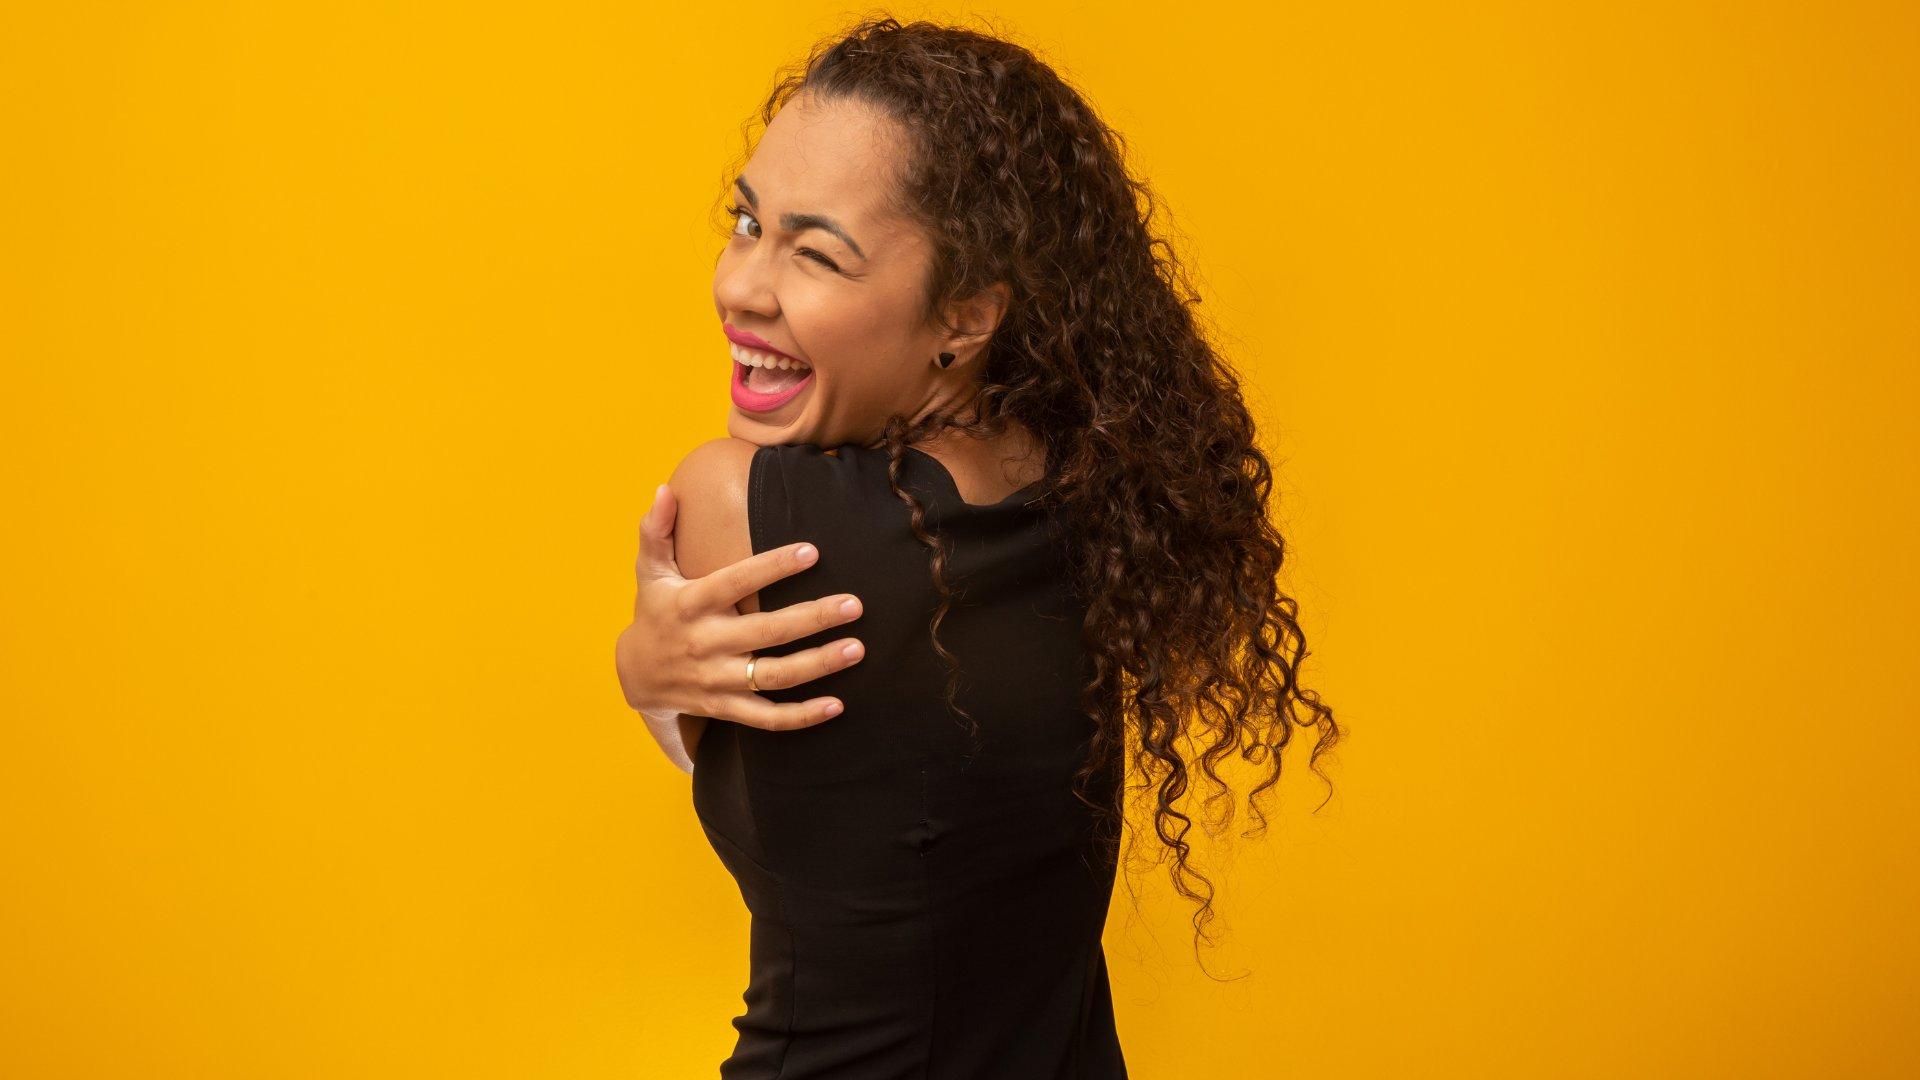 Mulher negra se abraçando enquanto sorri e pisca em um fundo amarelo